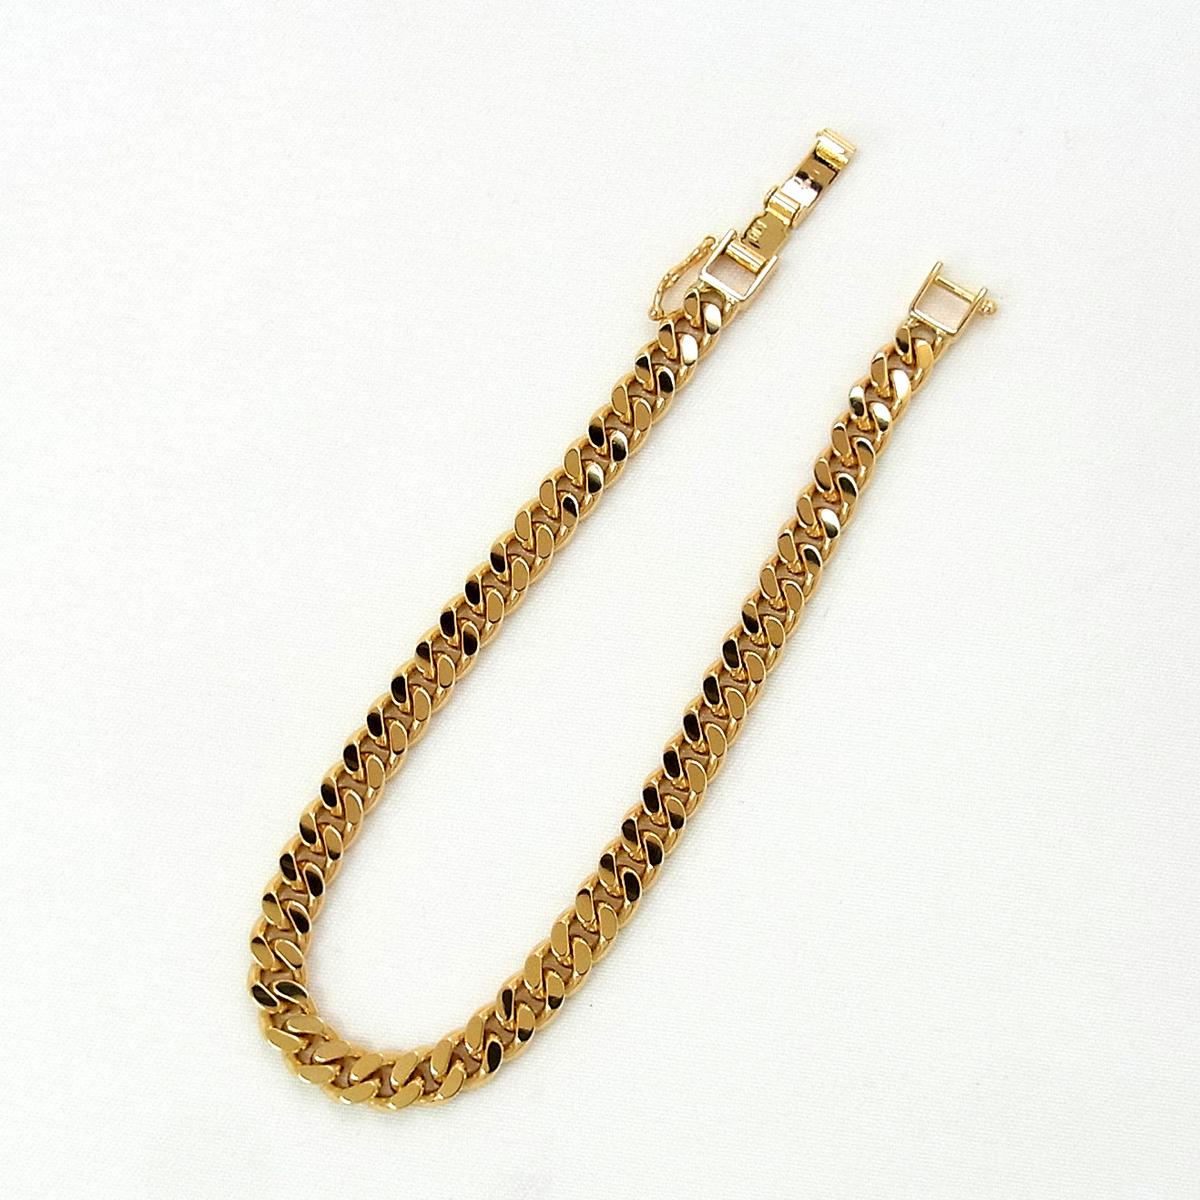 展示品 K18 喜平 2面 シングル ブレスレット 20.2g 長さ:18cm 幅:5.3mm イエロー ゴールド 造幣局刻印 ∞_画像3